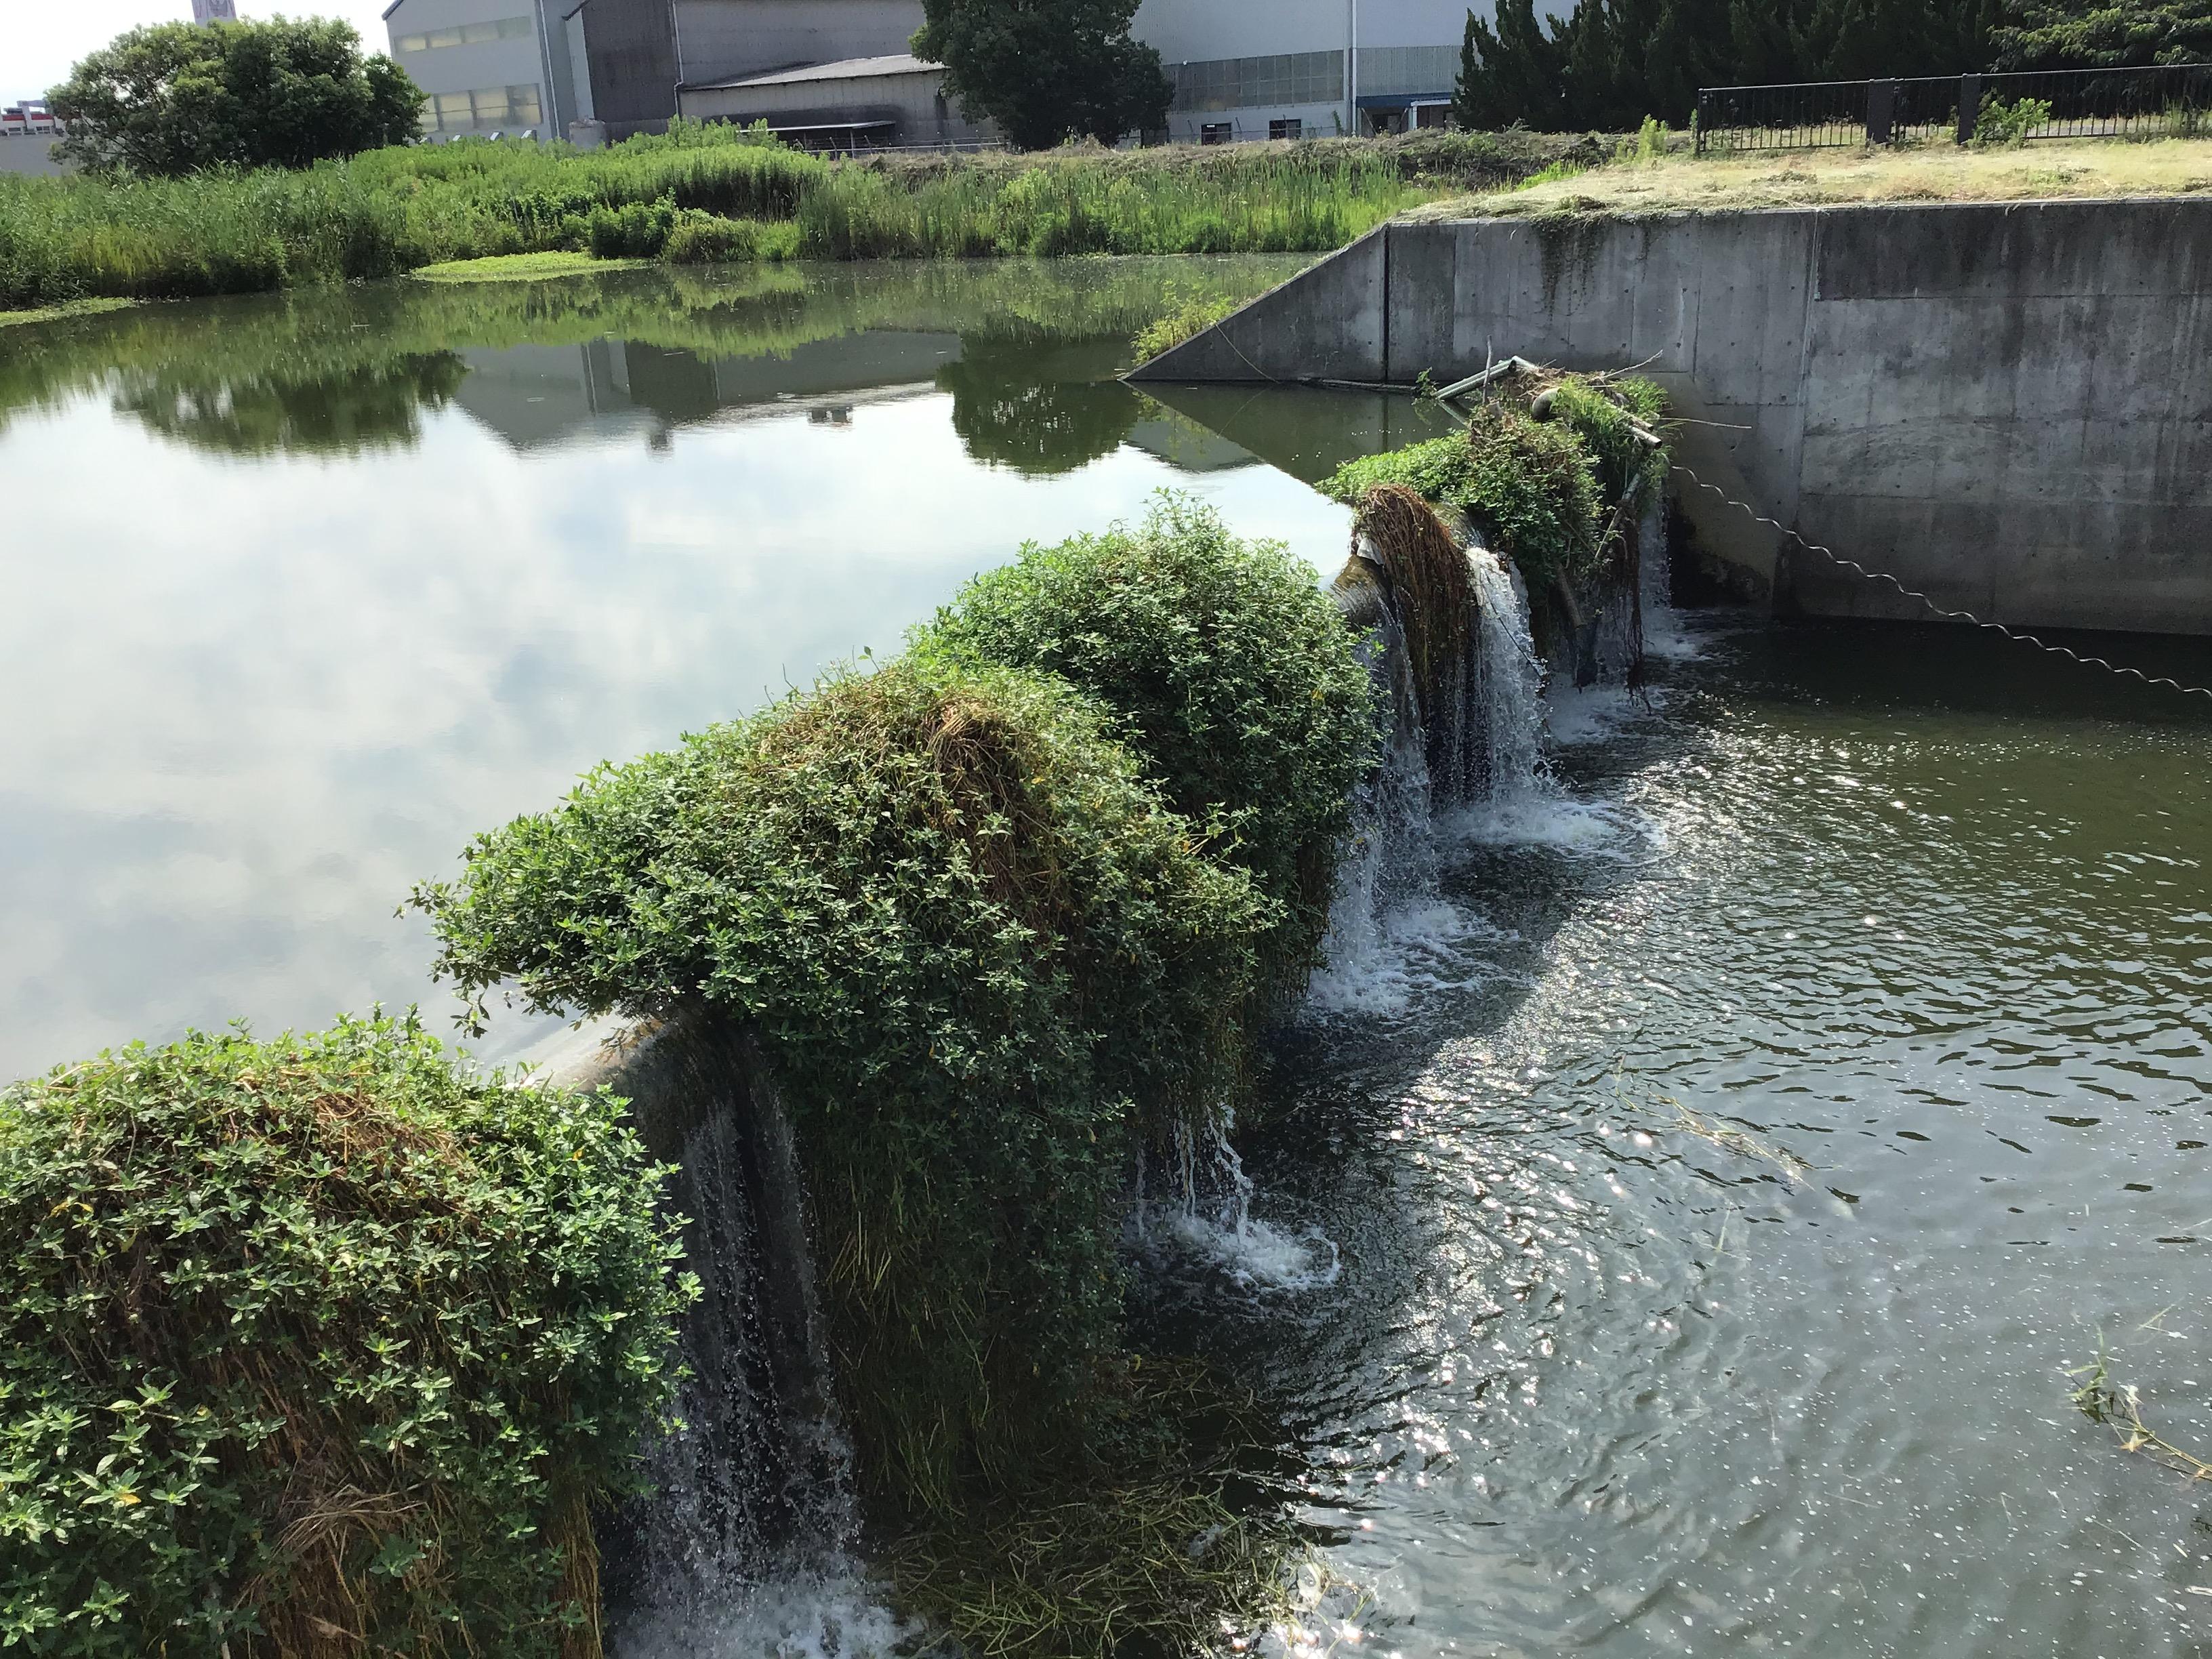 新仏井堰(ゲート)を隣のゲート操作小屋隣から撮影。下流側は水浸60cm。胴長履いて行ける。(加古川流域土地改良事務所の勝治さん測定)